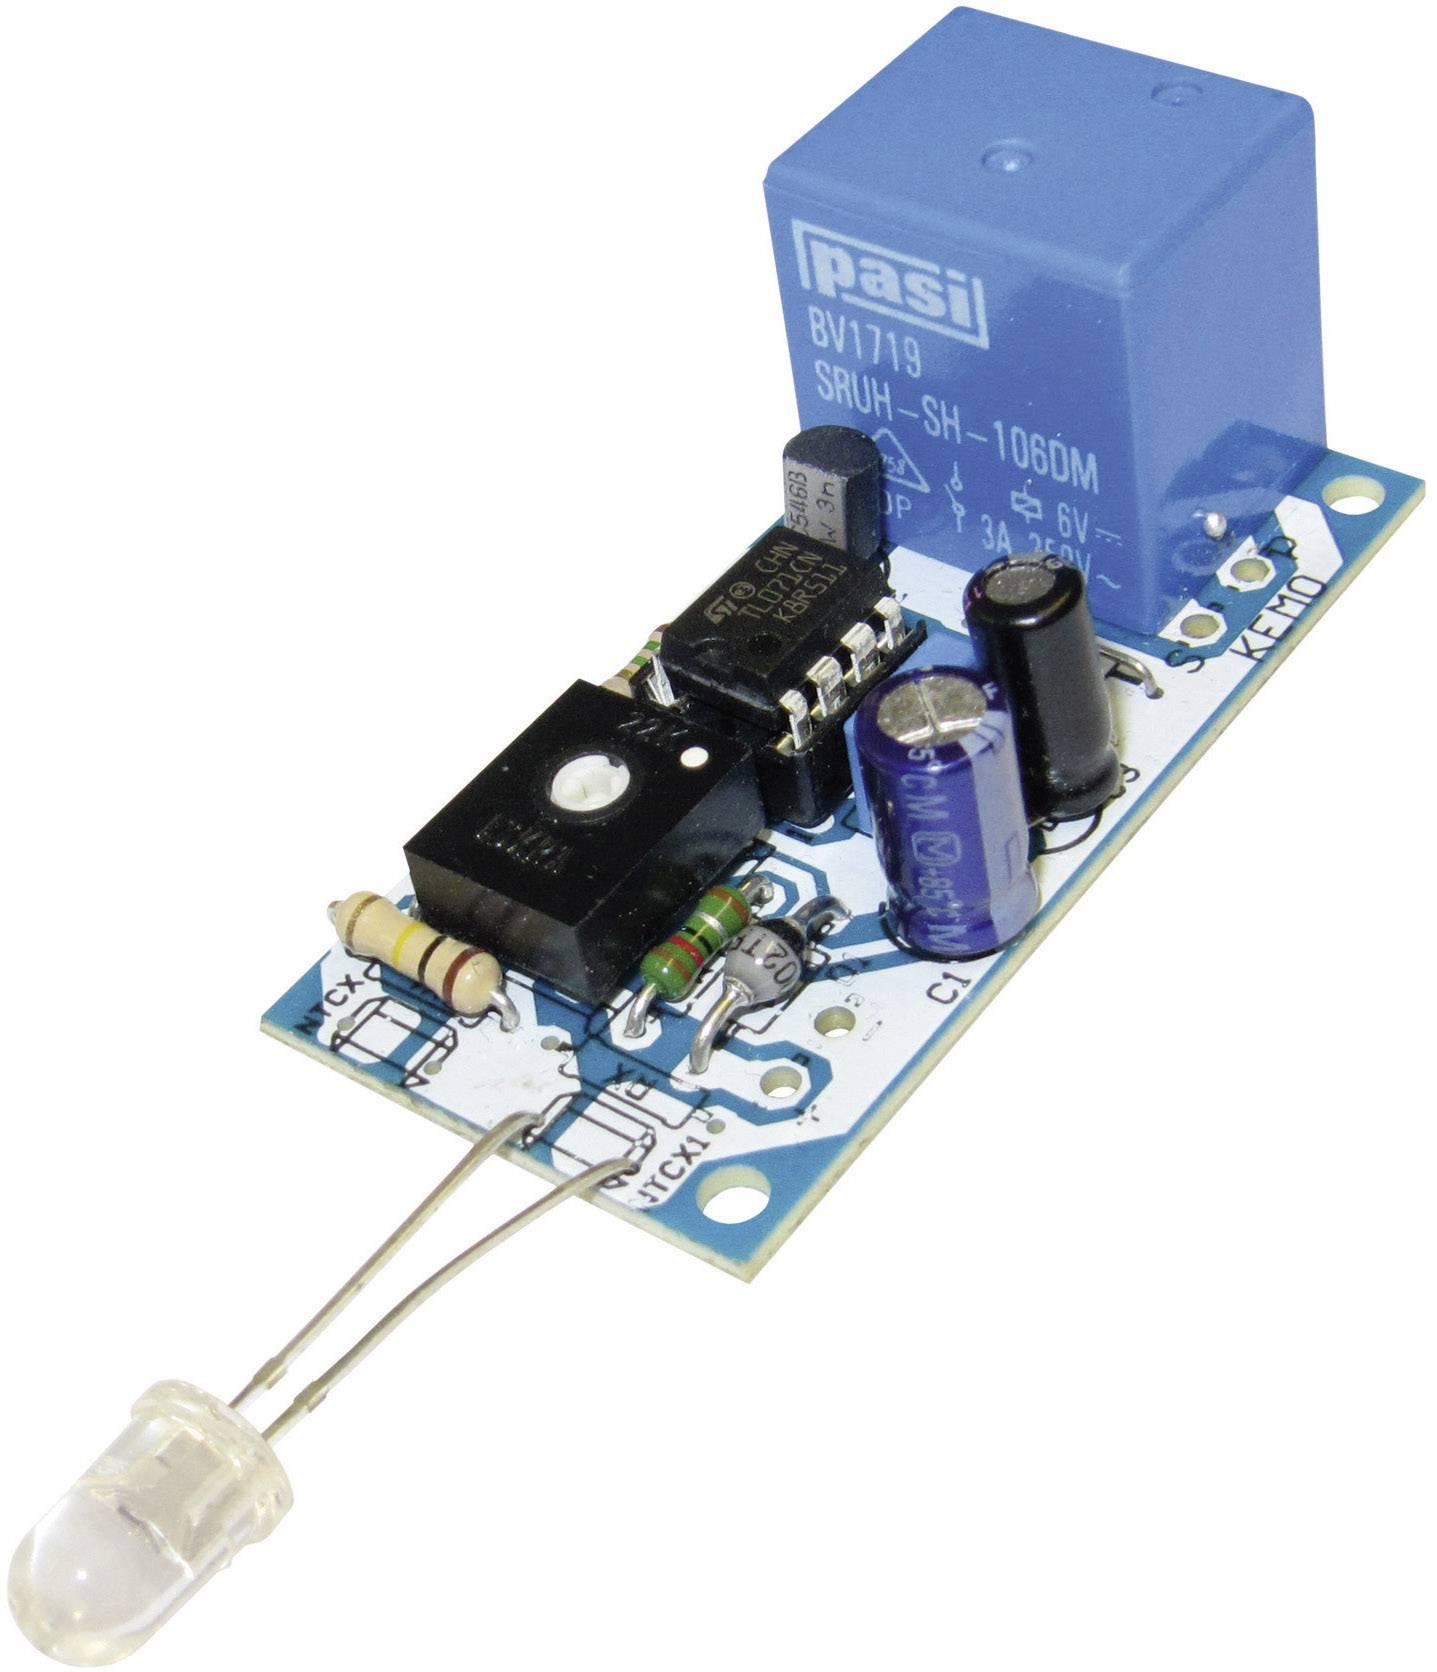 Světelný alarm spínaný změnou osvětlení 12VDC Kemo B045, 56 x 27 mm